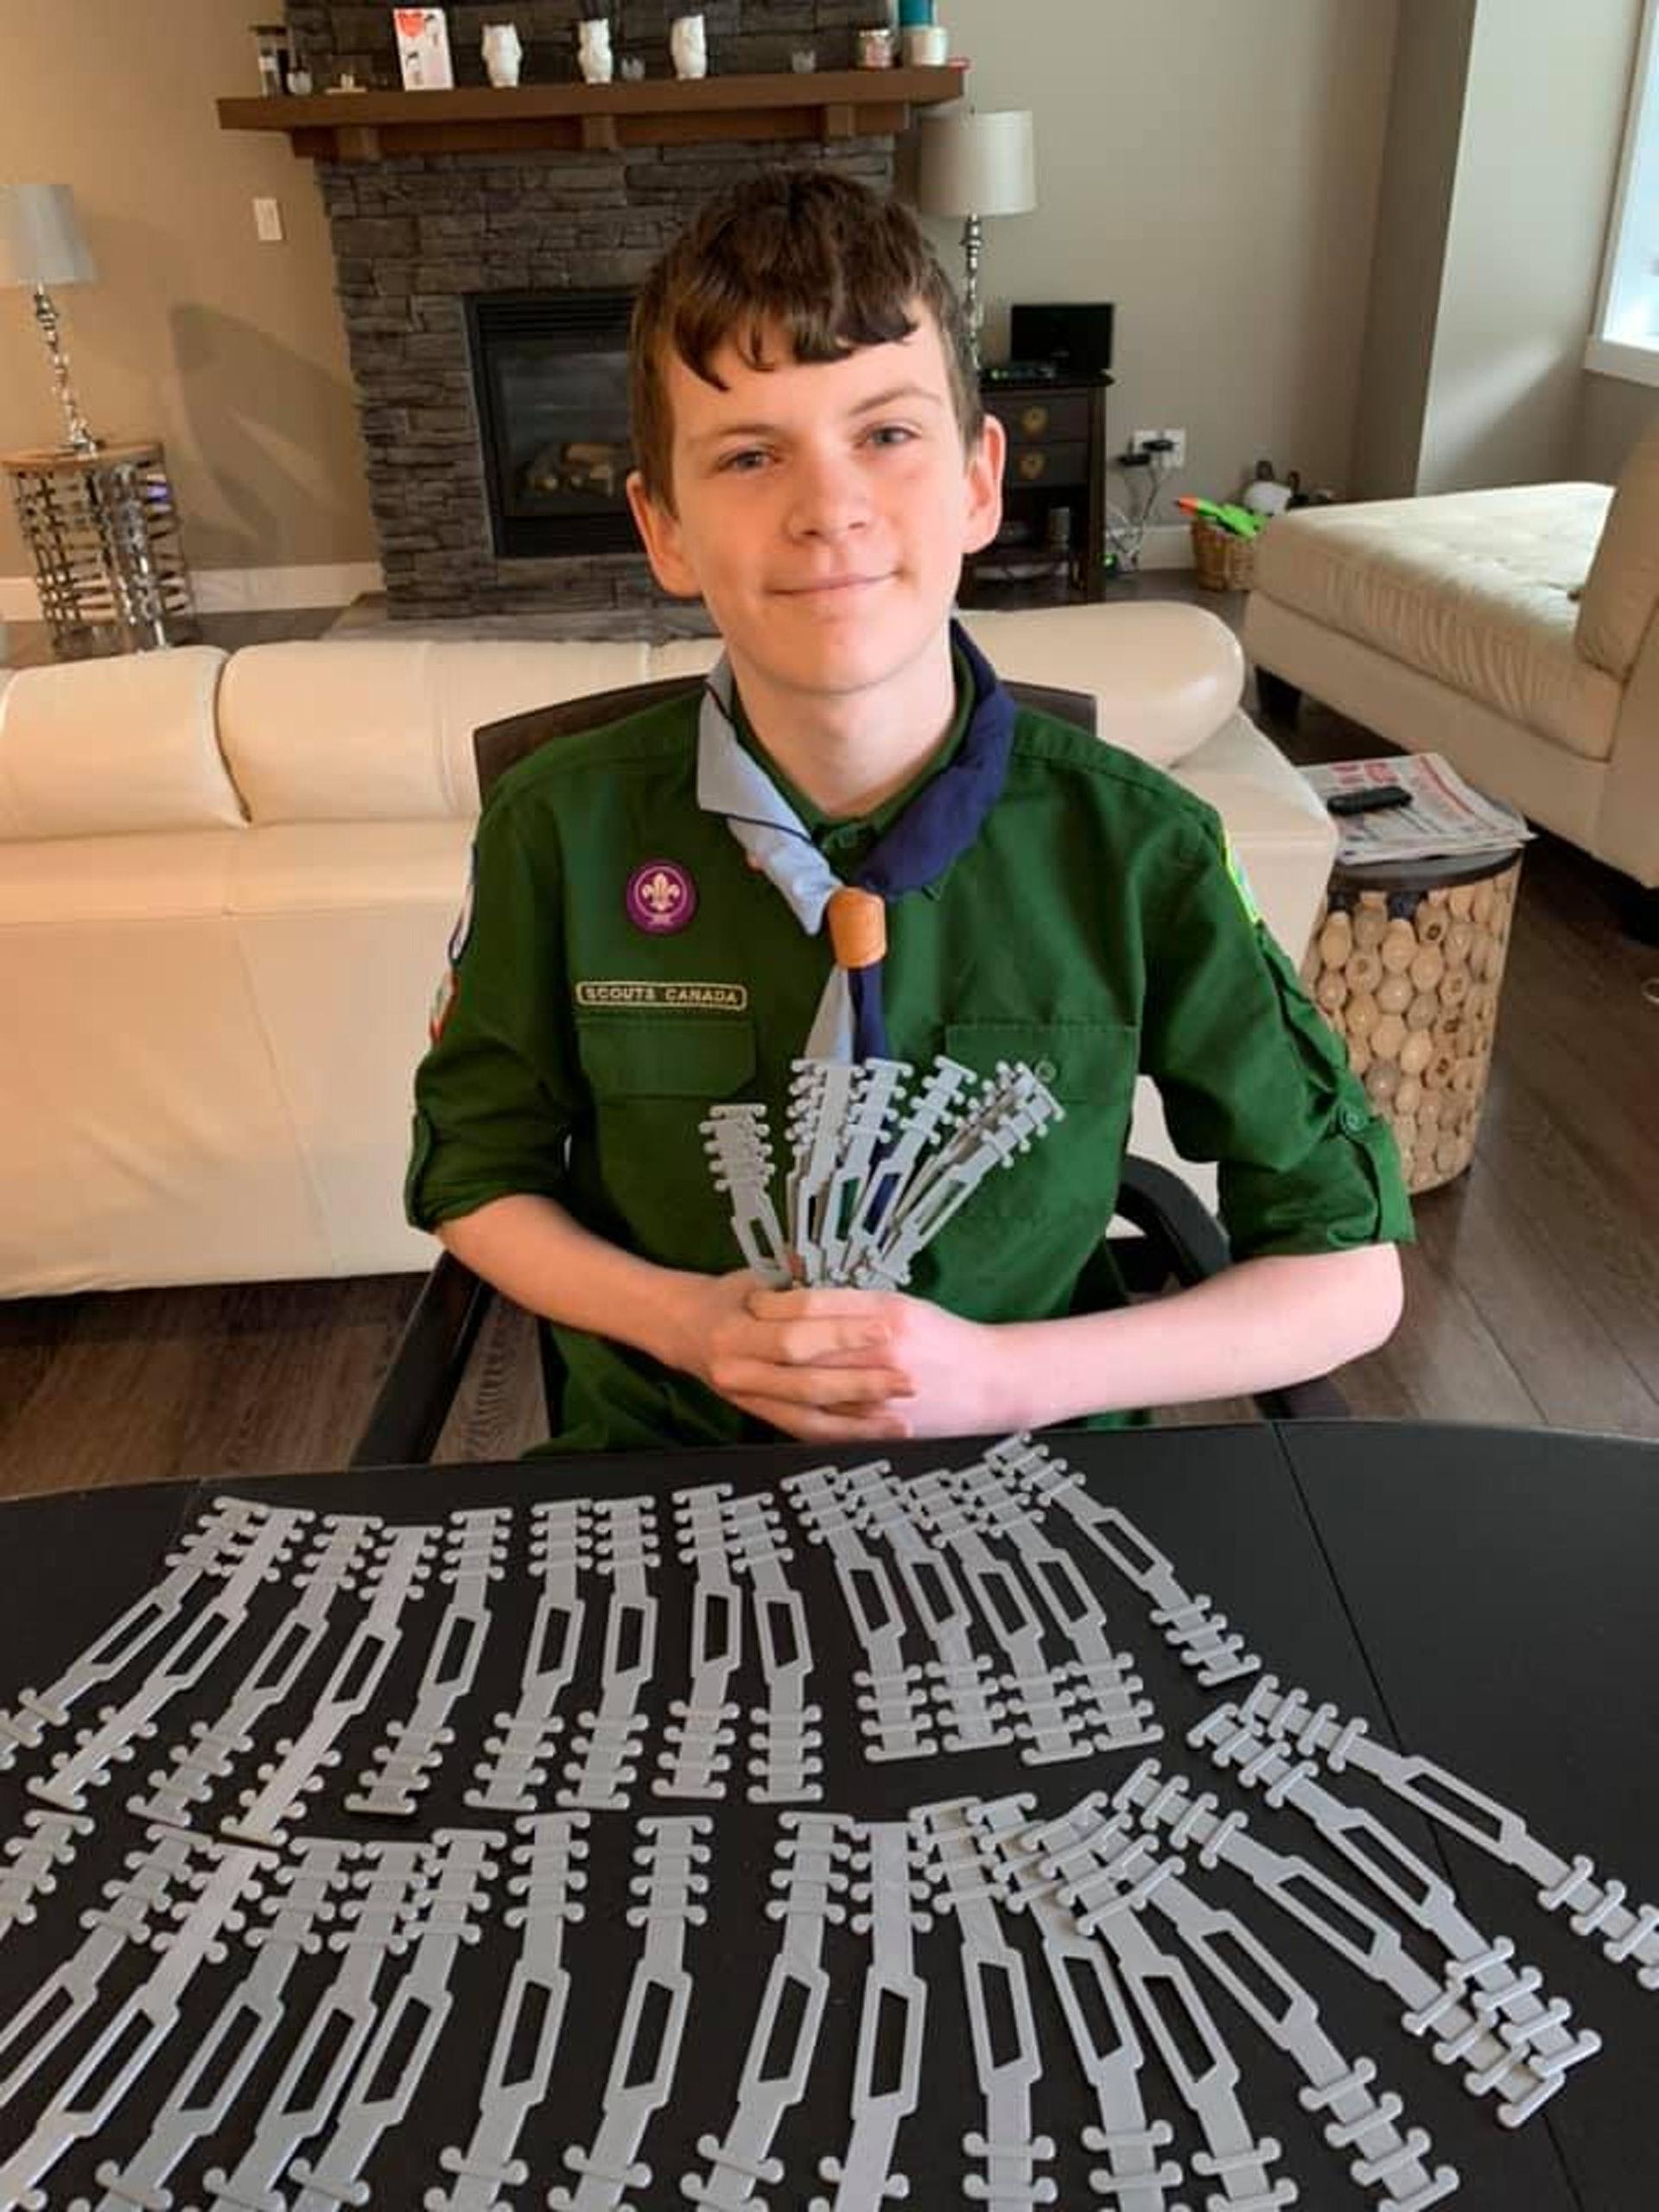 13歲加拿大少年Quinn得知醫護因常戴口罩而勒傷耳,想到以3D打印技術製作護耳膠條。(fb「Heather Roney 」圖片)